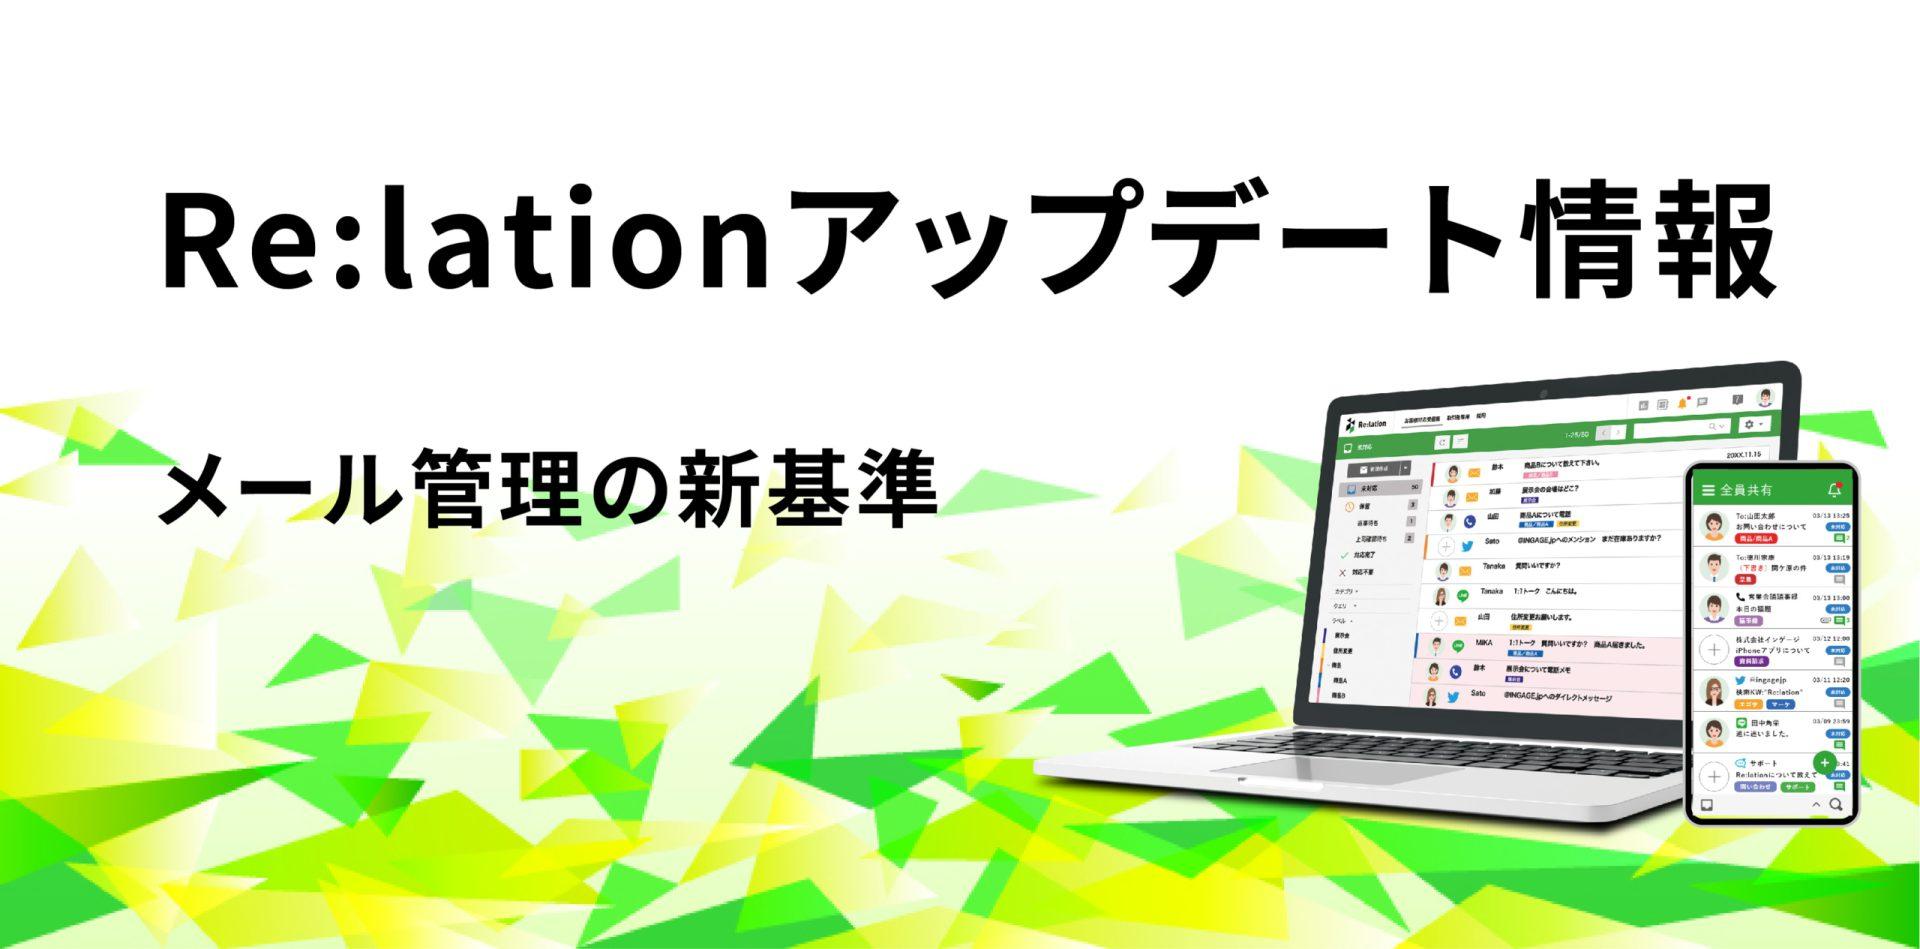 テレワーク時代のメール管理「Re:lation(リレーション)」07.16アップデート